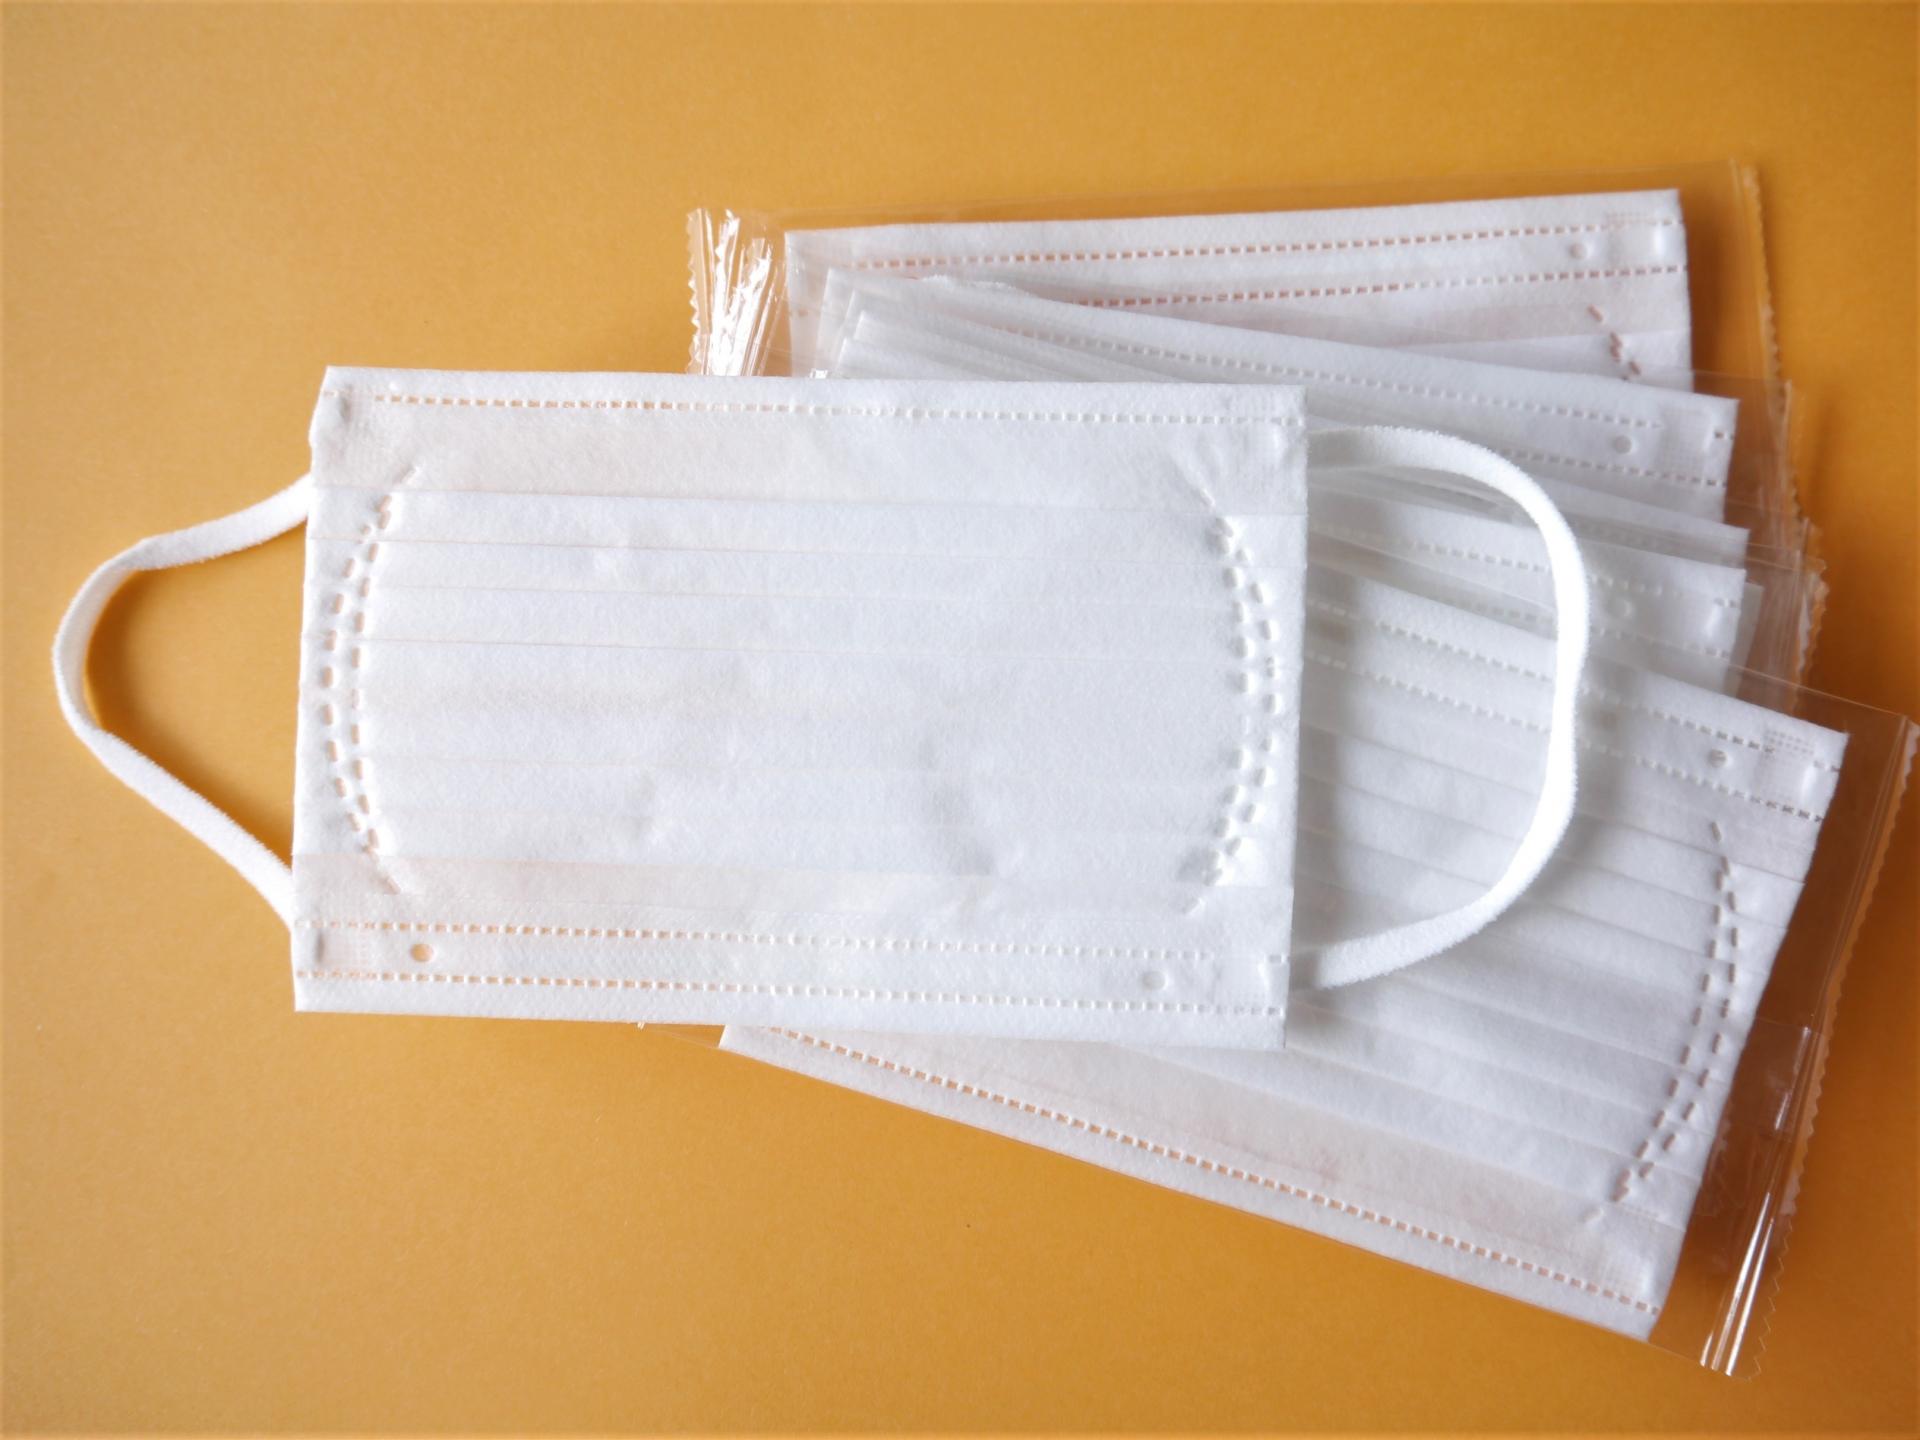 日本製マスクのおすすめは?新型肺炎予防で在庫ありの商品まとめ!